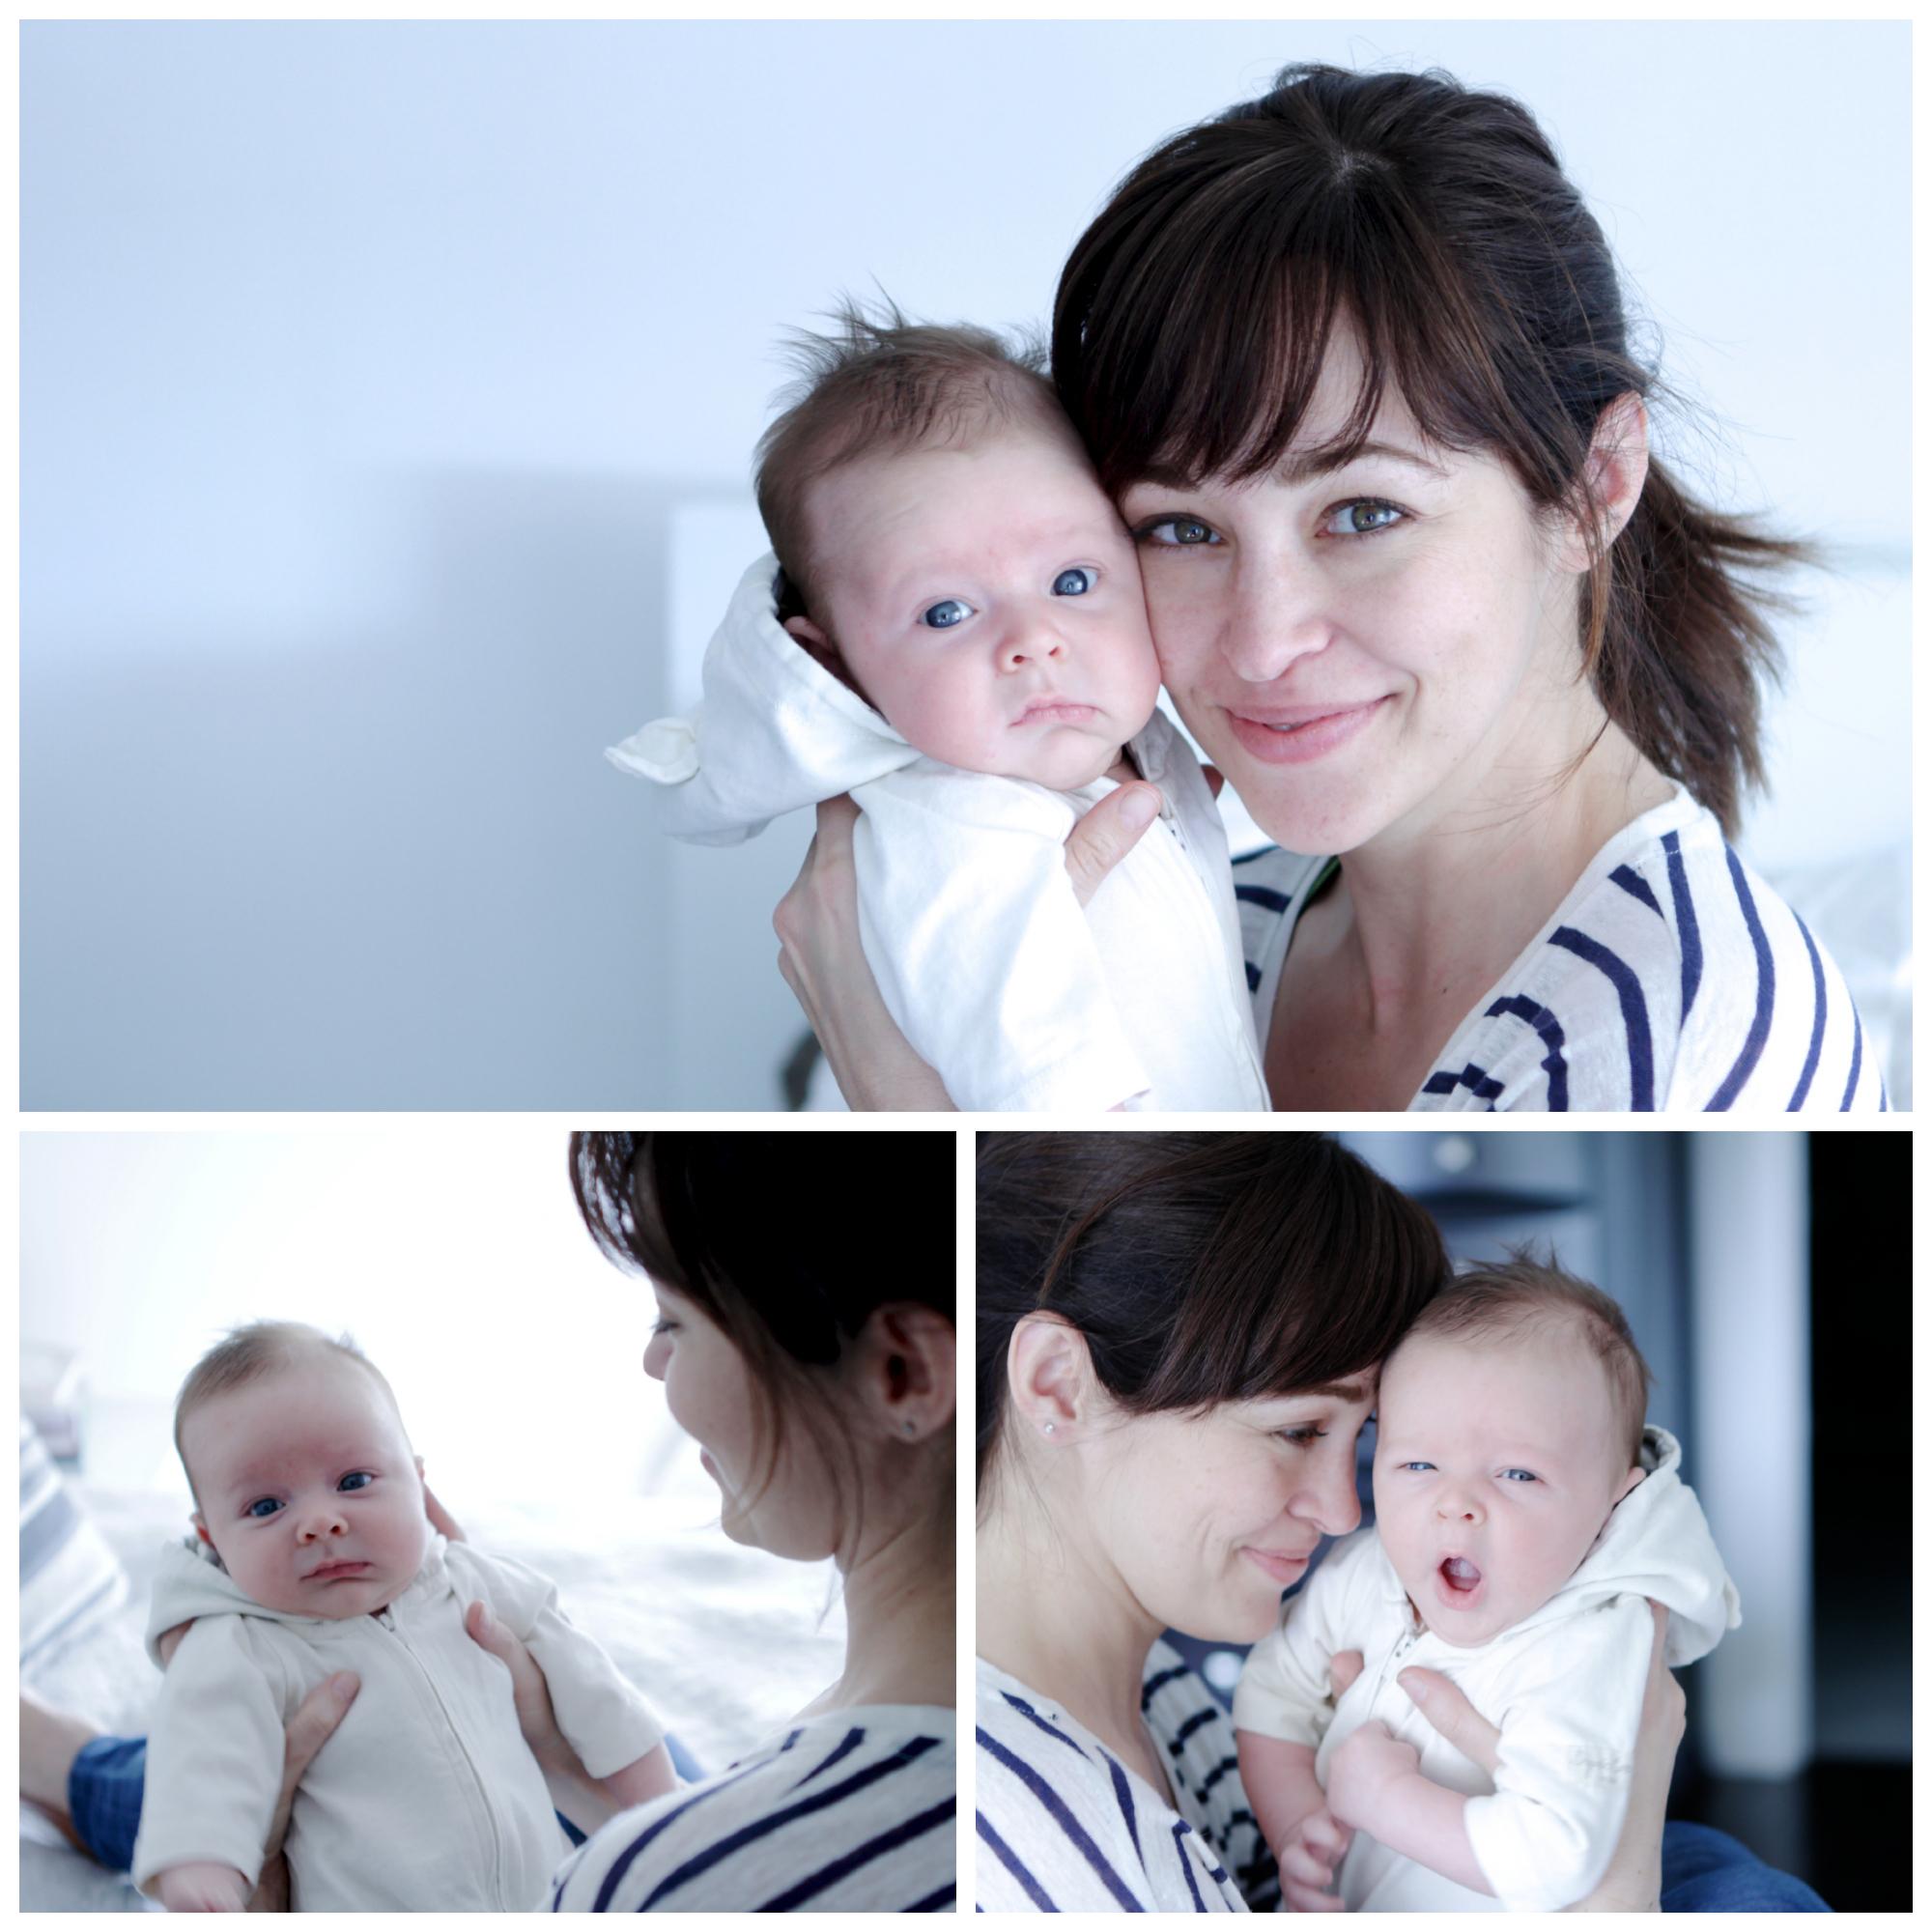 Photo of Autumn Reeser  & her Son  Dash Warren